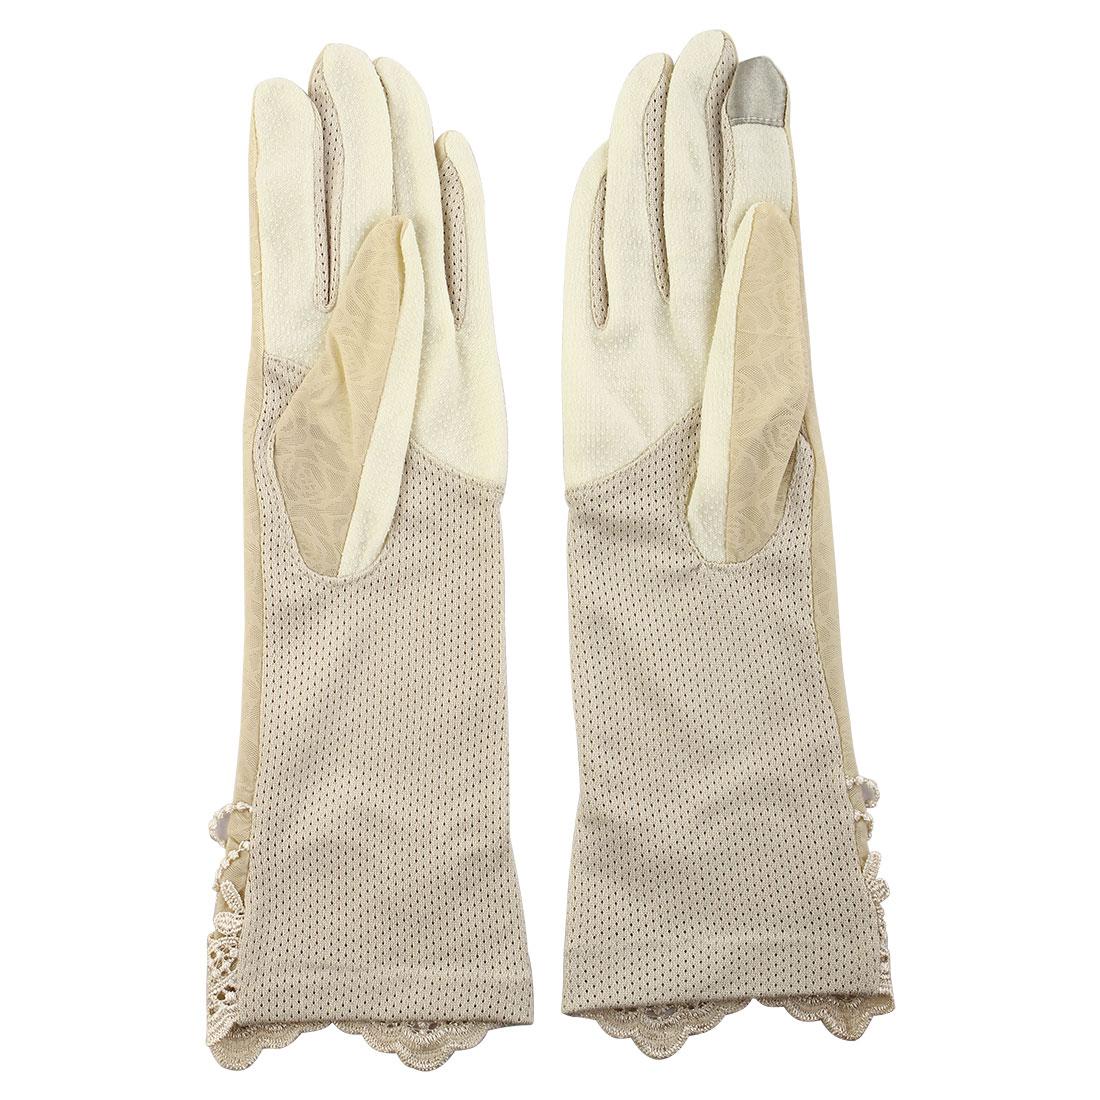 Outdoor Travel Driving Flower Butterfly Decor Full Finger Non-slip Sun Resistant Gloves Beige Pair for Women